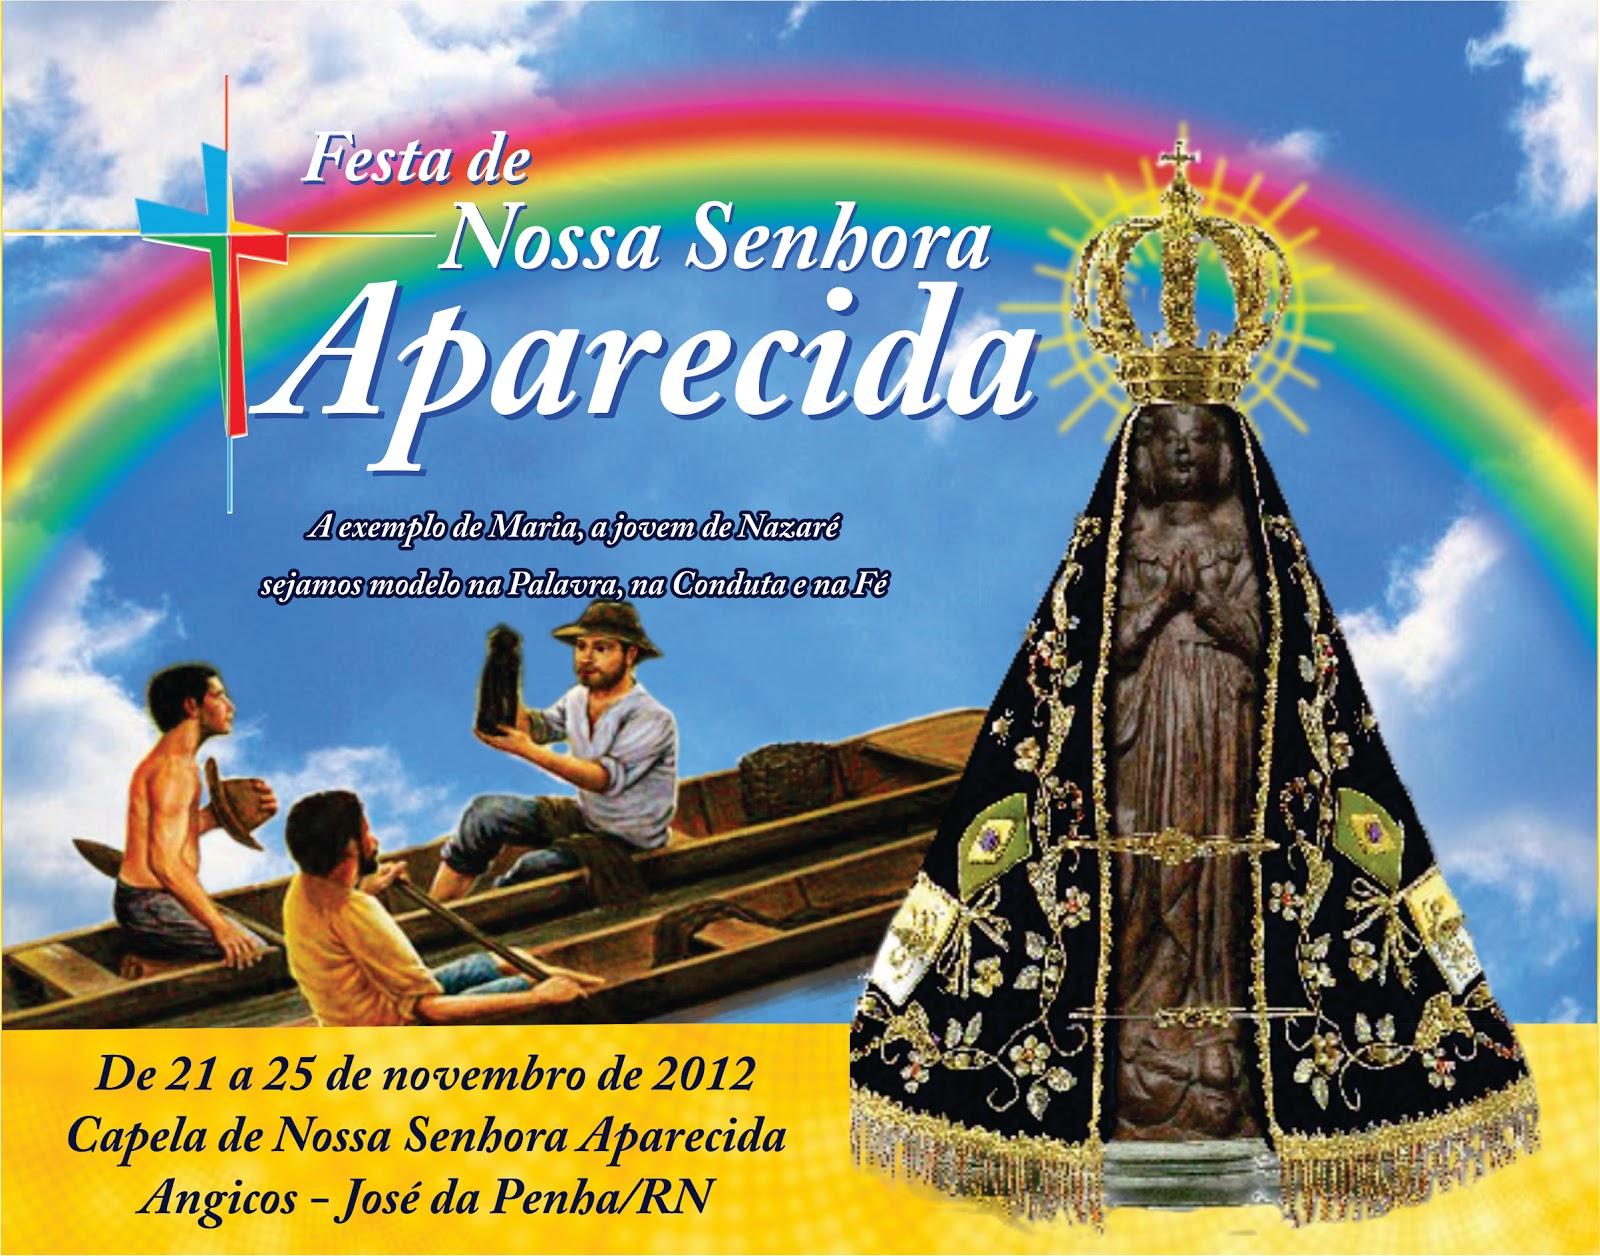 Festa De Nossa Senhora Aparecida: TARSO COSTA: FESTA DE NOSSA SENHORA APARECIDA